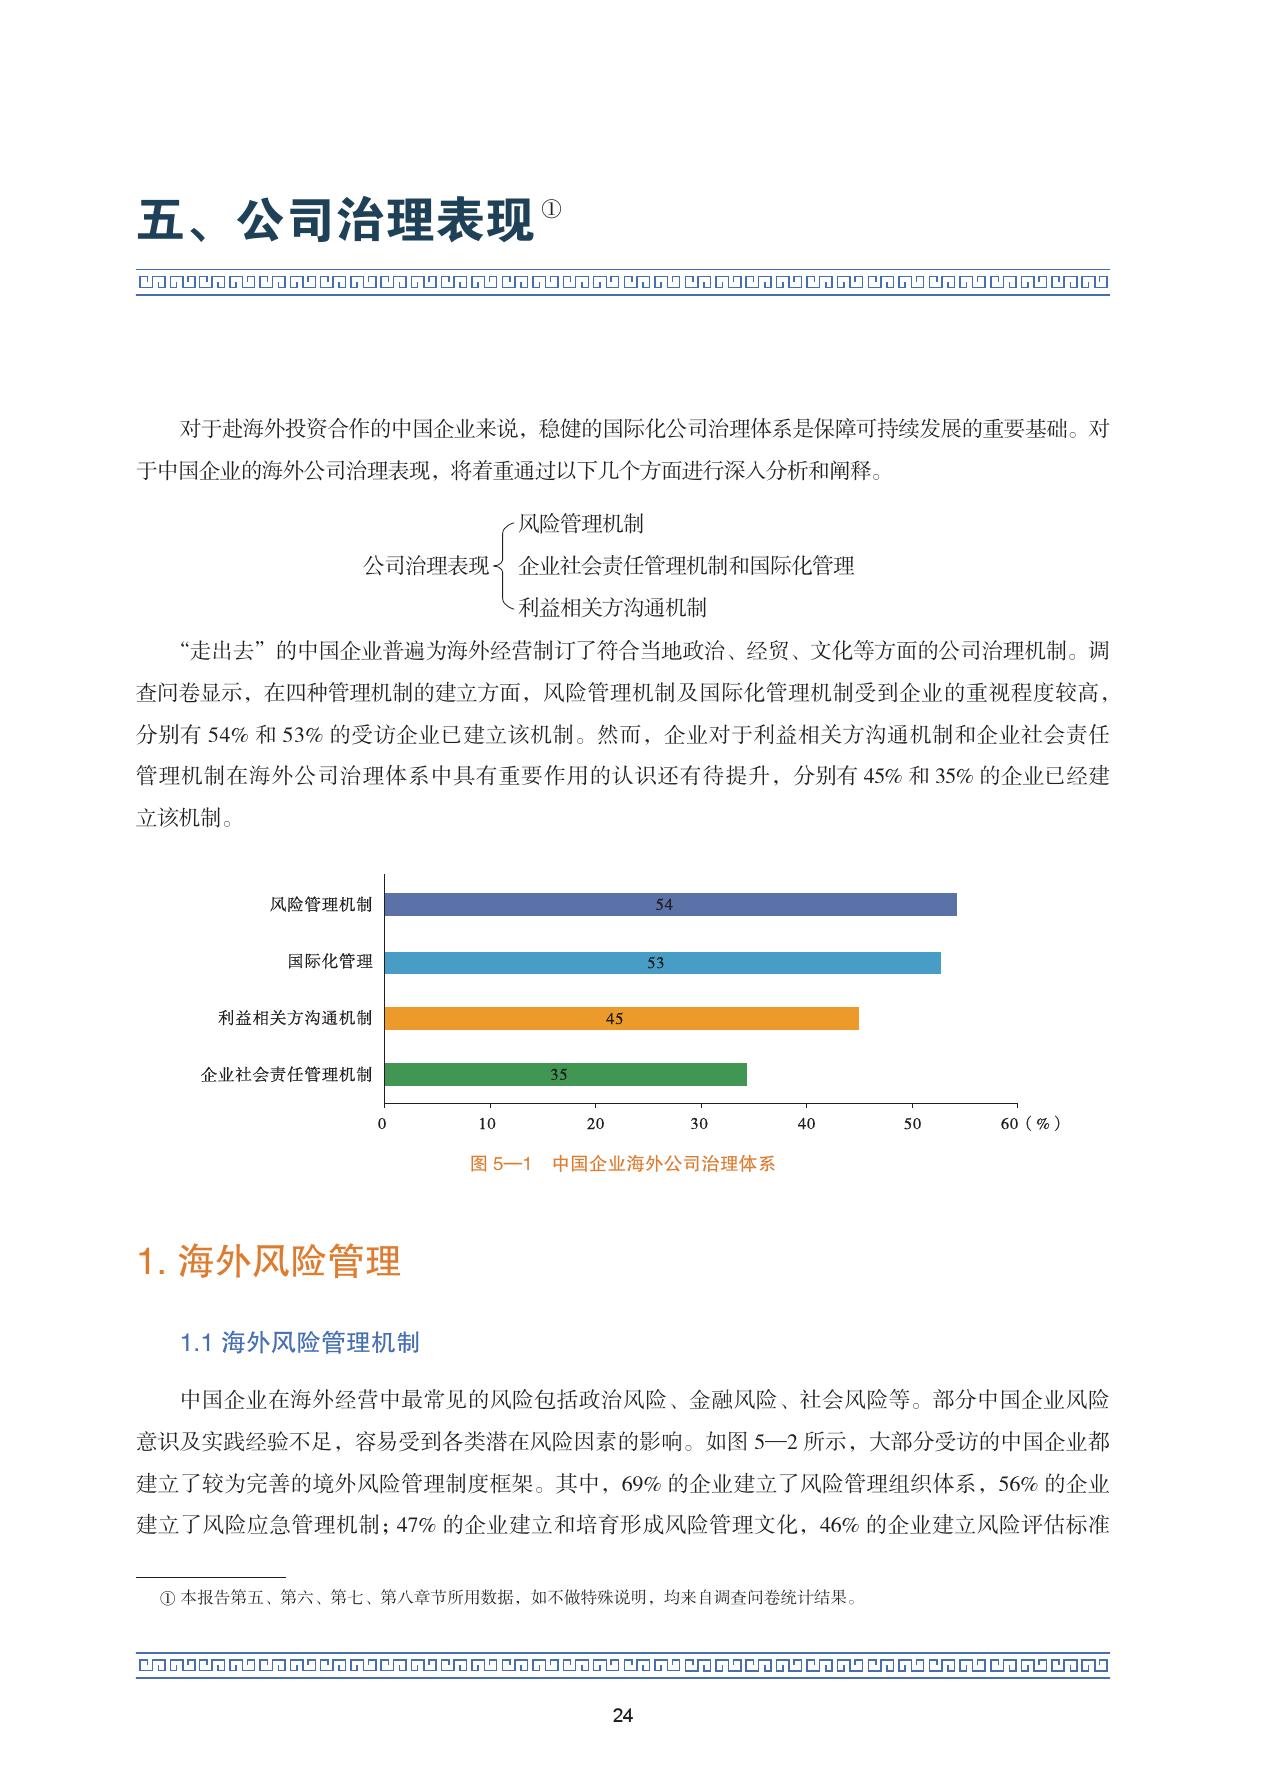 2015中国企业海外可持续发展报告_000038